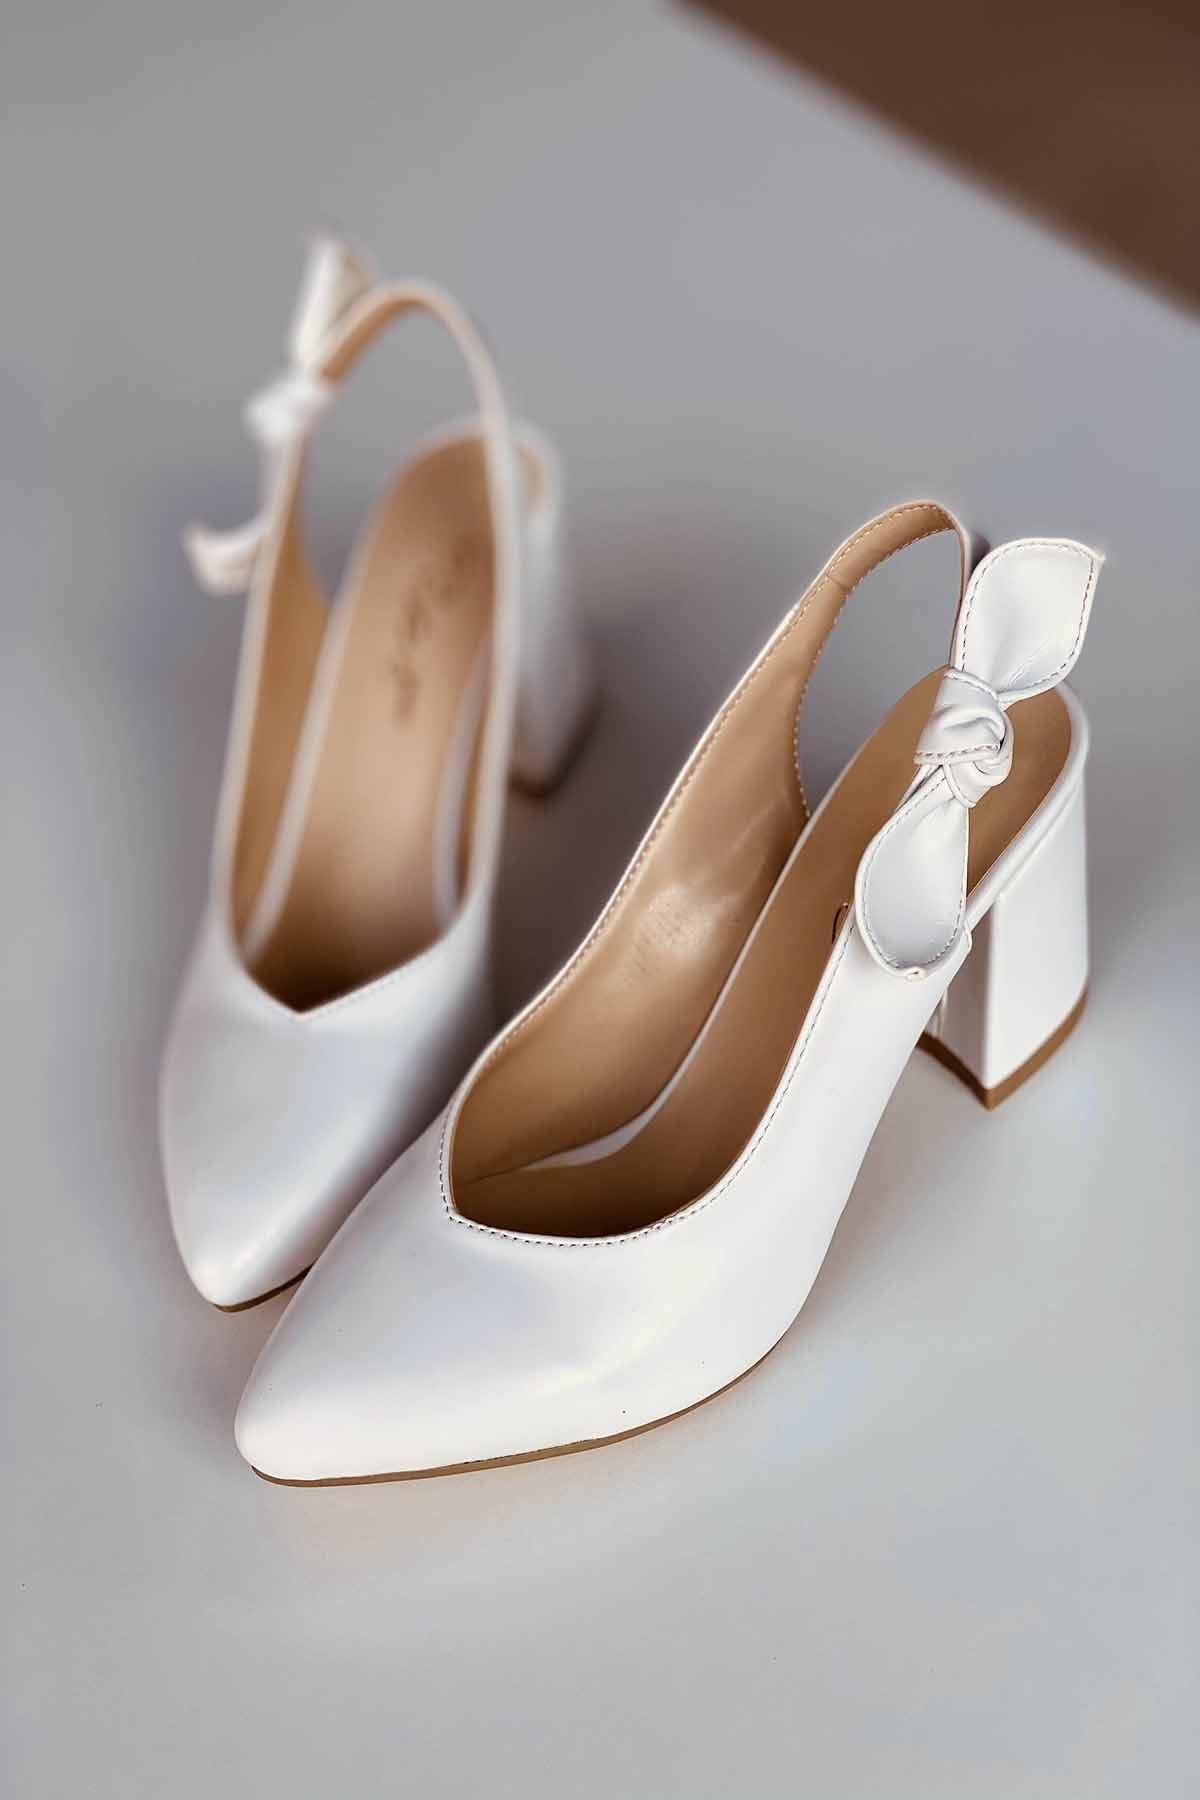 Y109 Beyaz Cilt Topuklu Ayakkabı